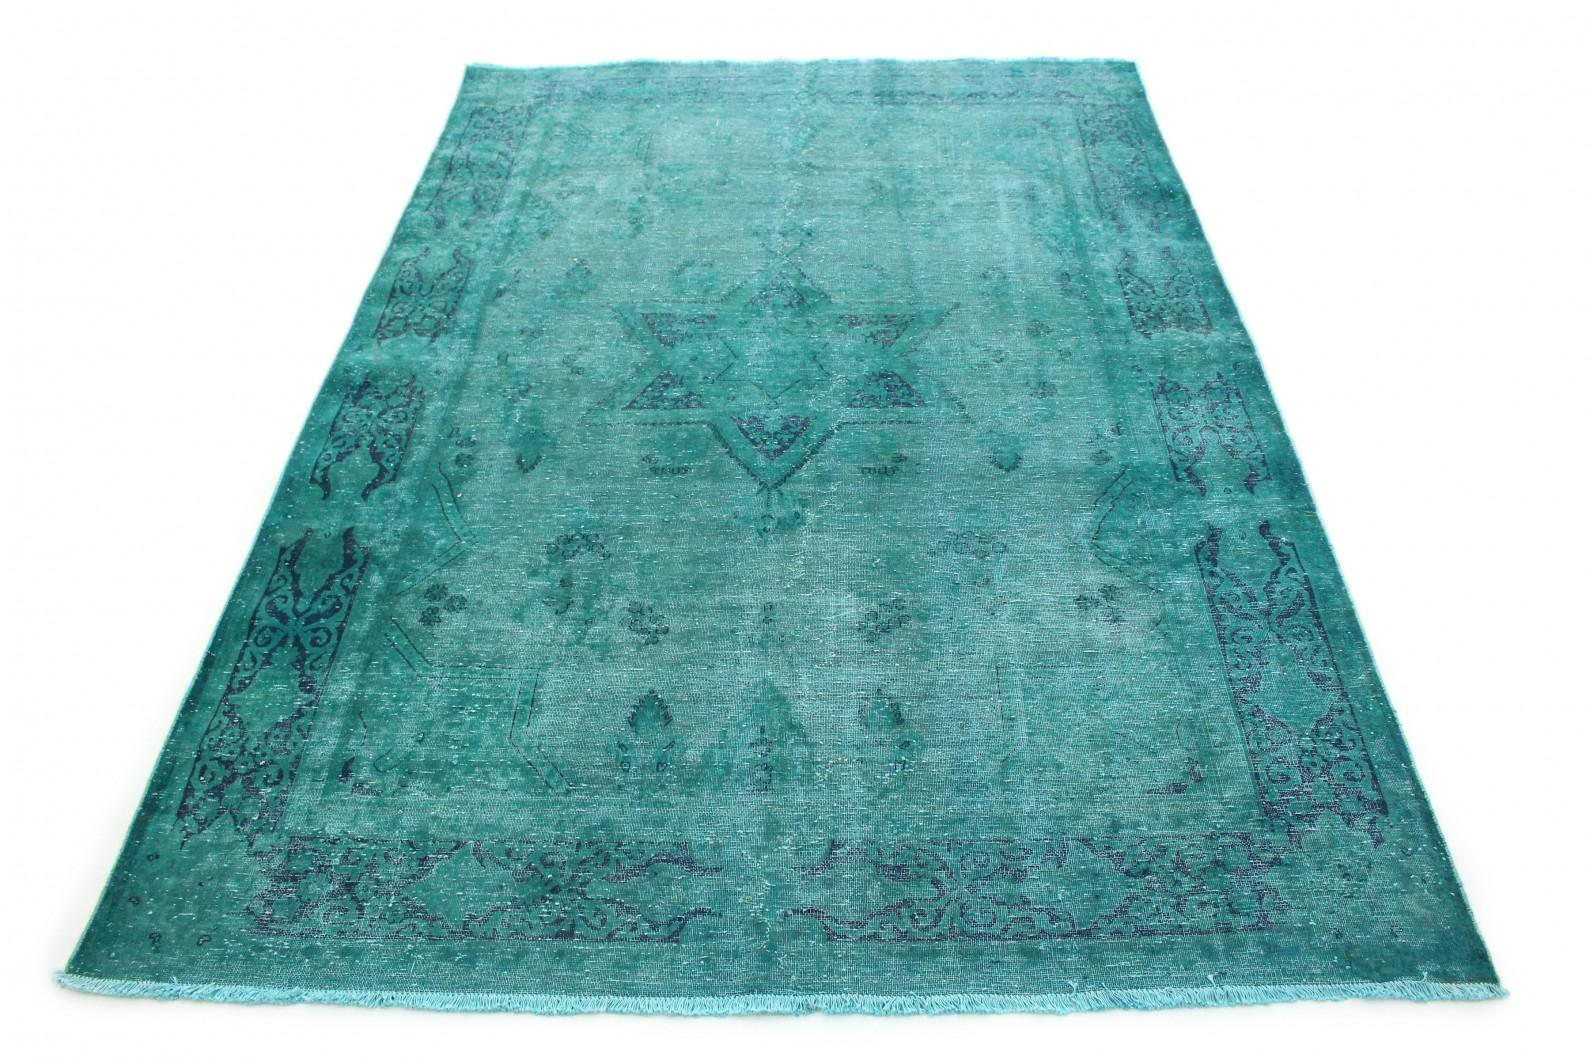 Carpetido Design Vintage-Teppich Türkis Blau in 280x190 (1 / 8)